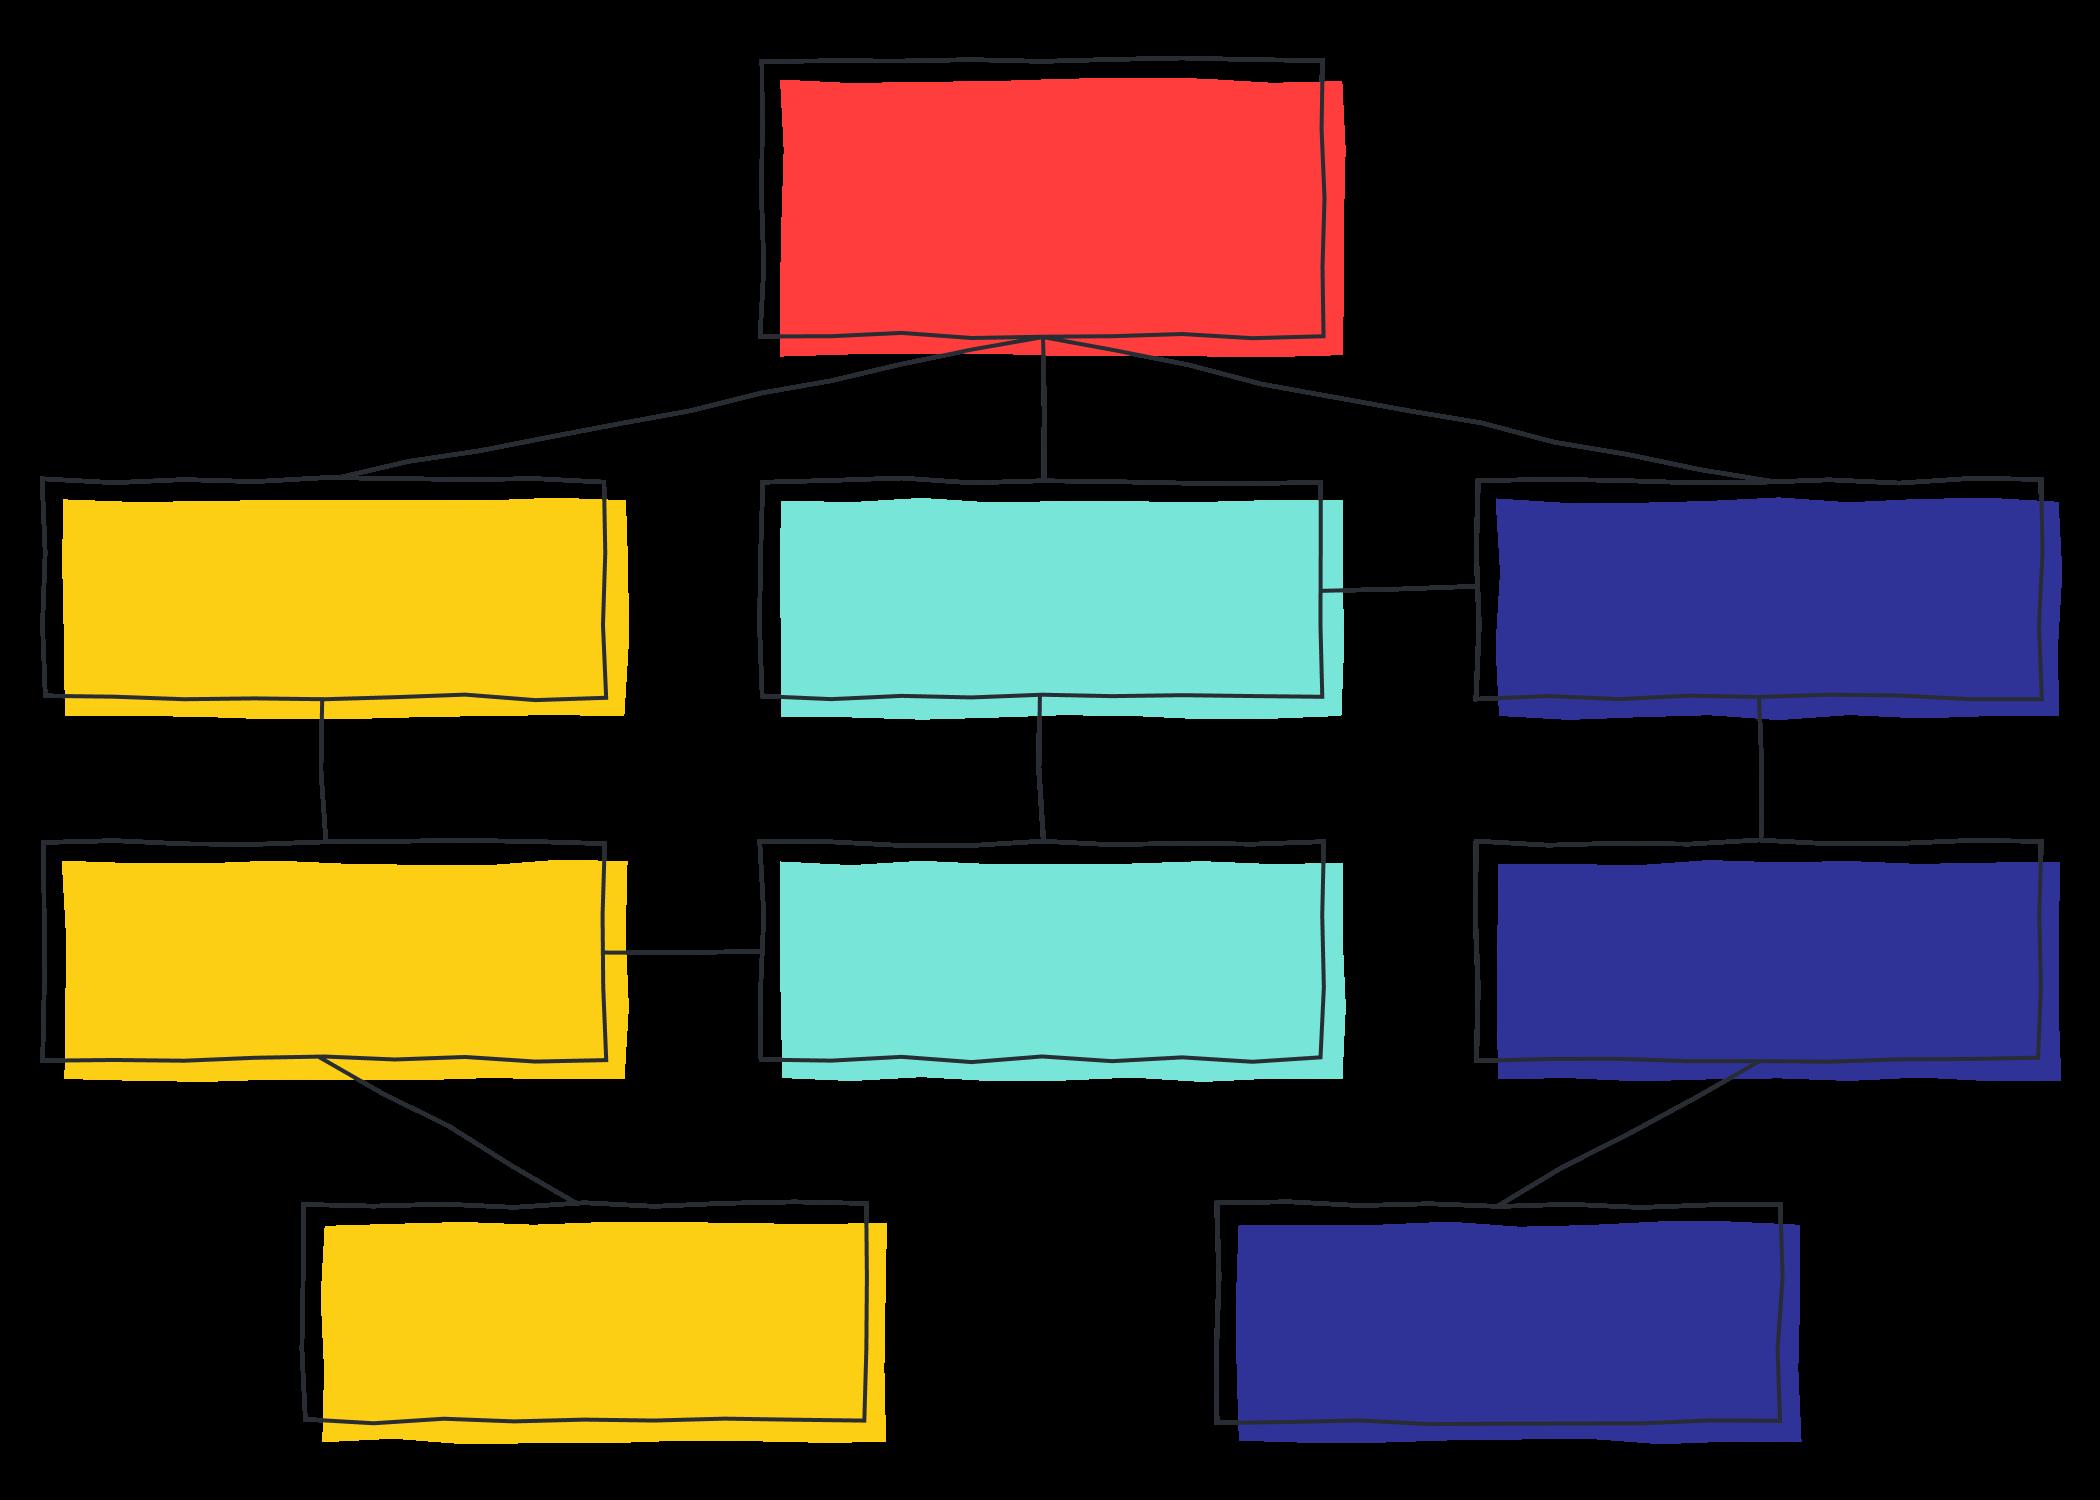 Créer une carte conceptuelle